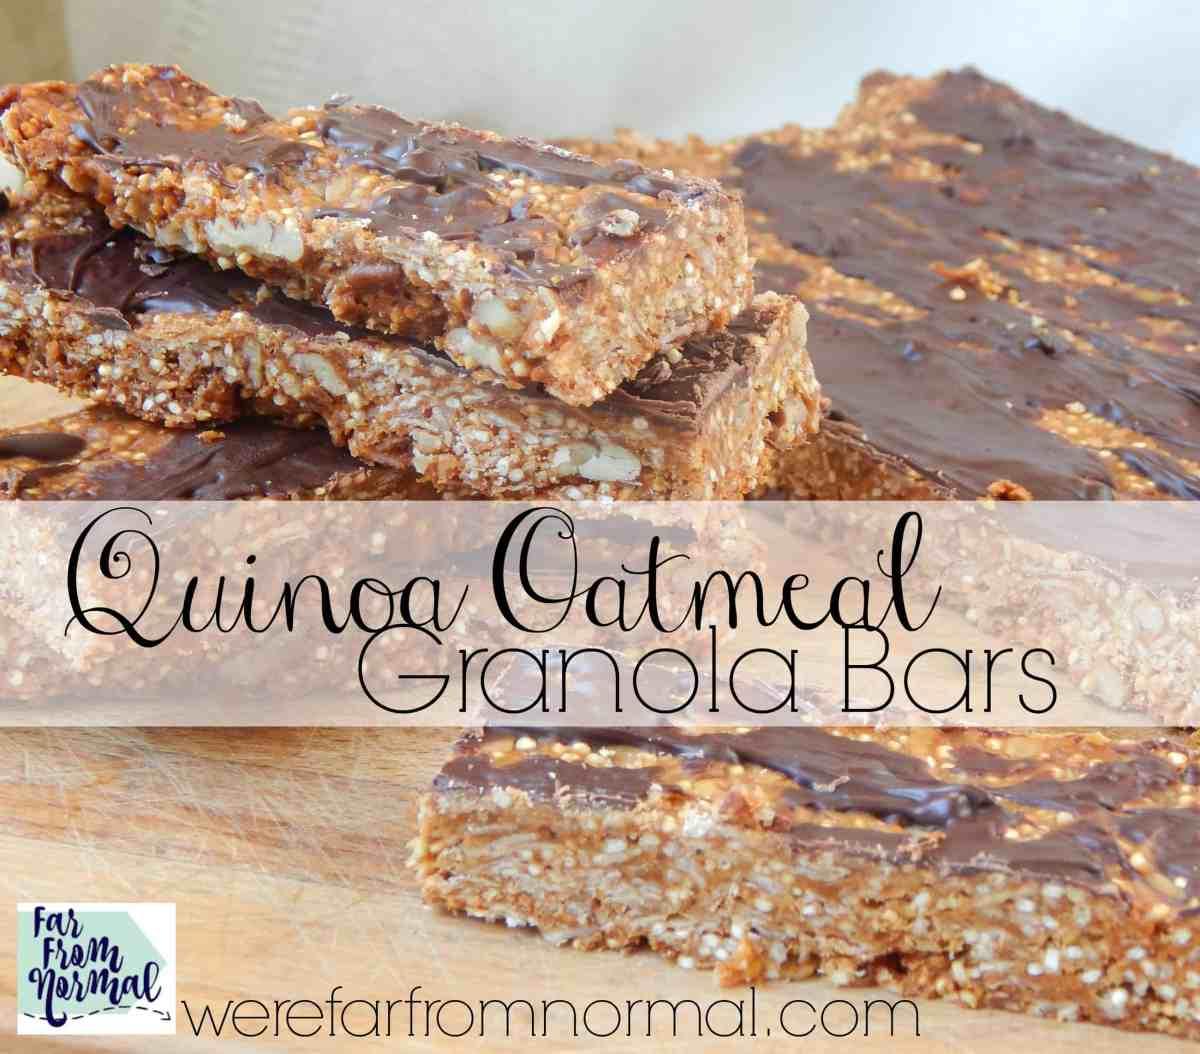 Quinoa Oatmeal Granola Bars